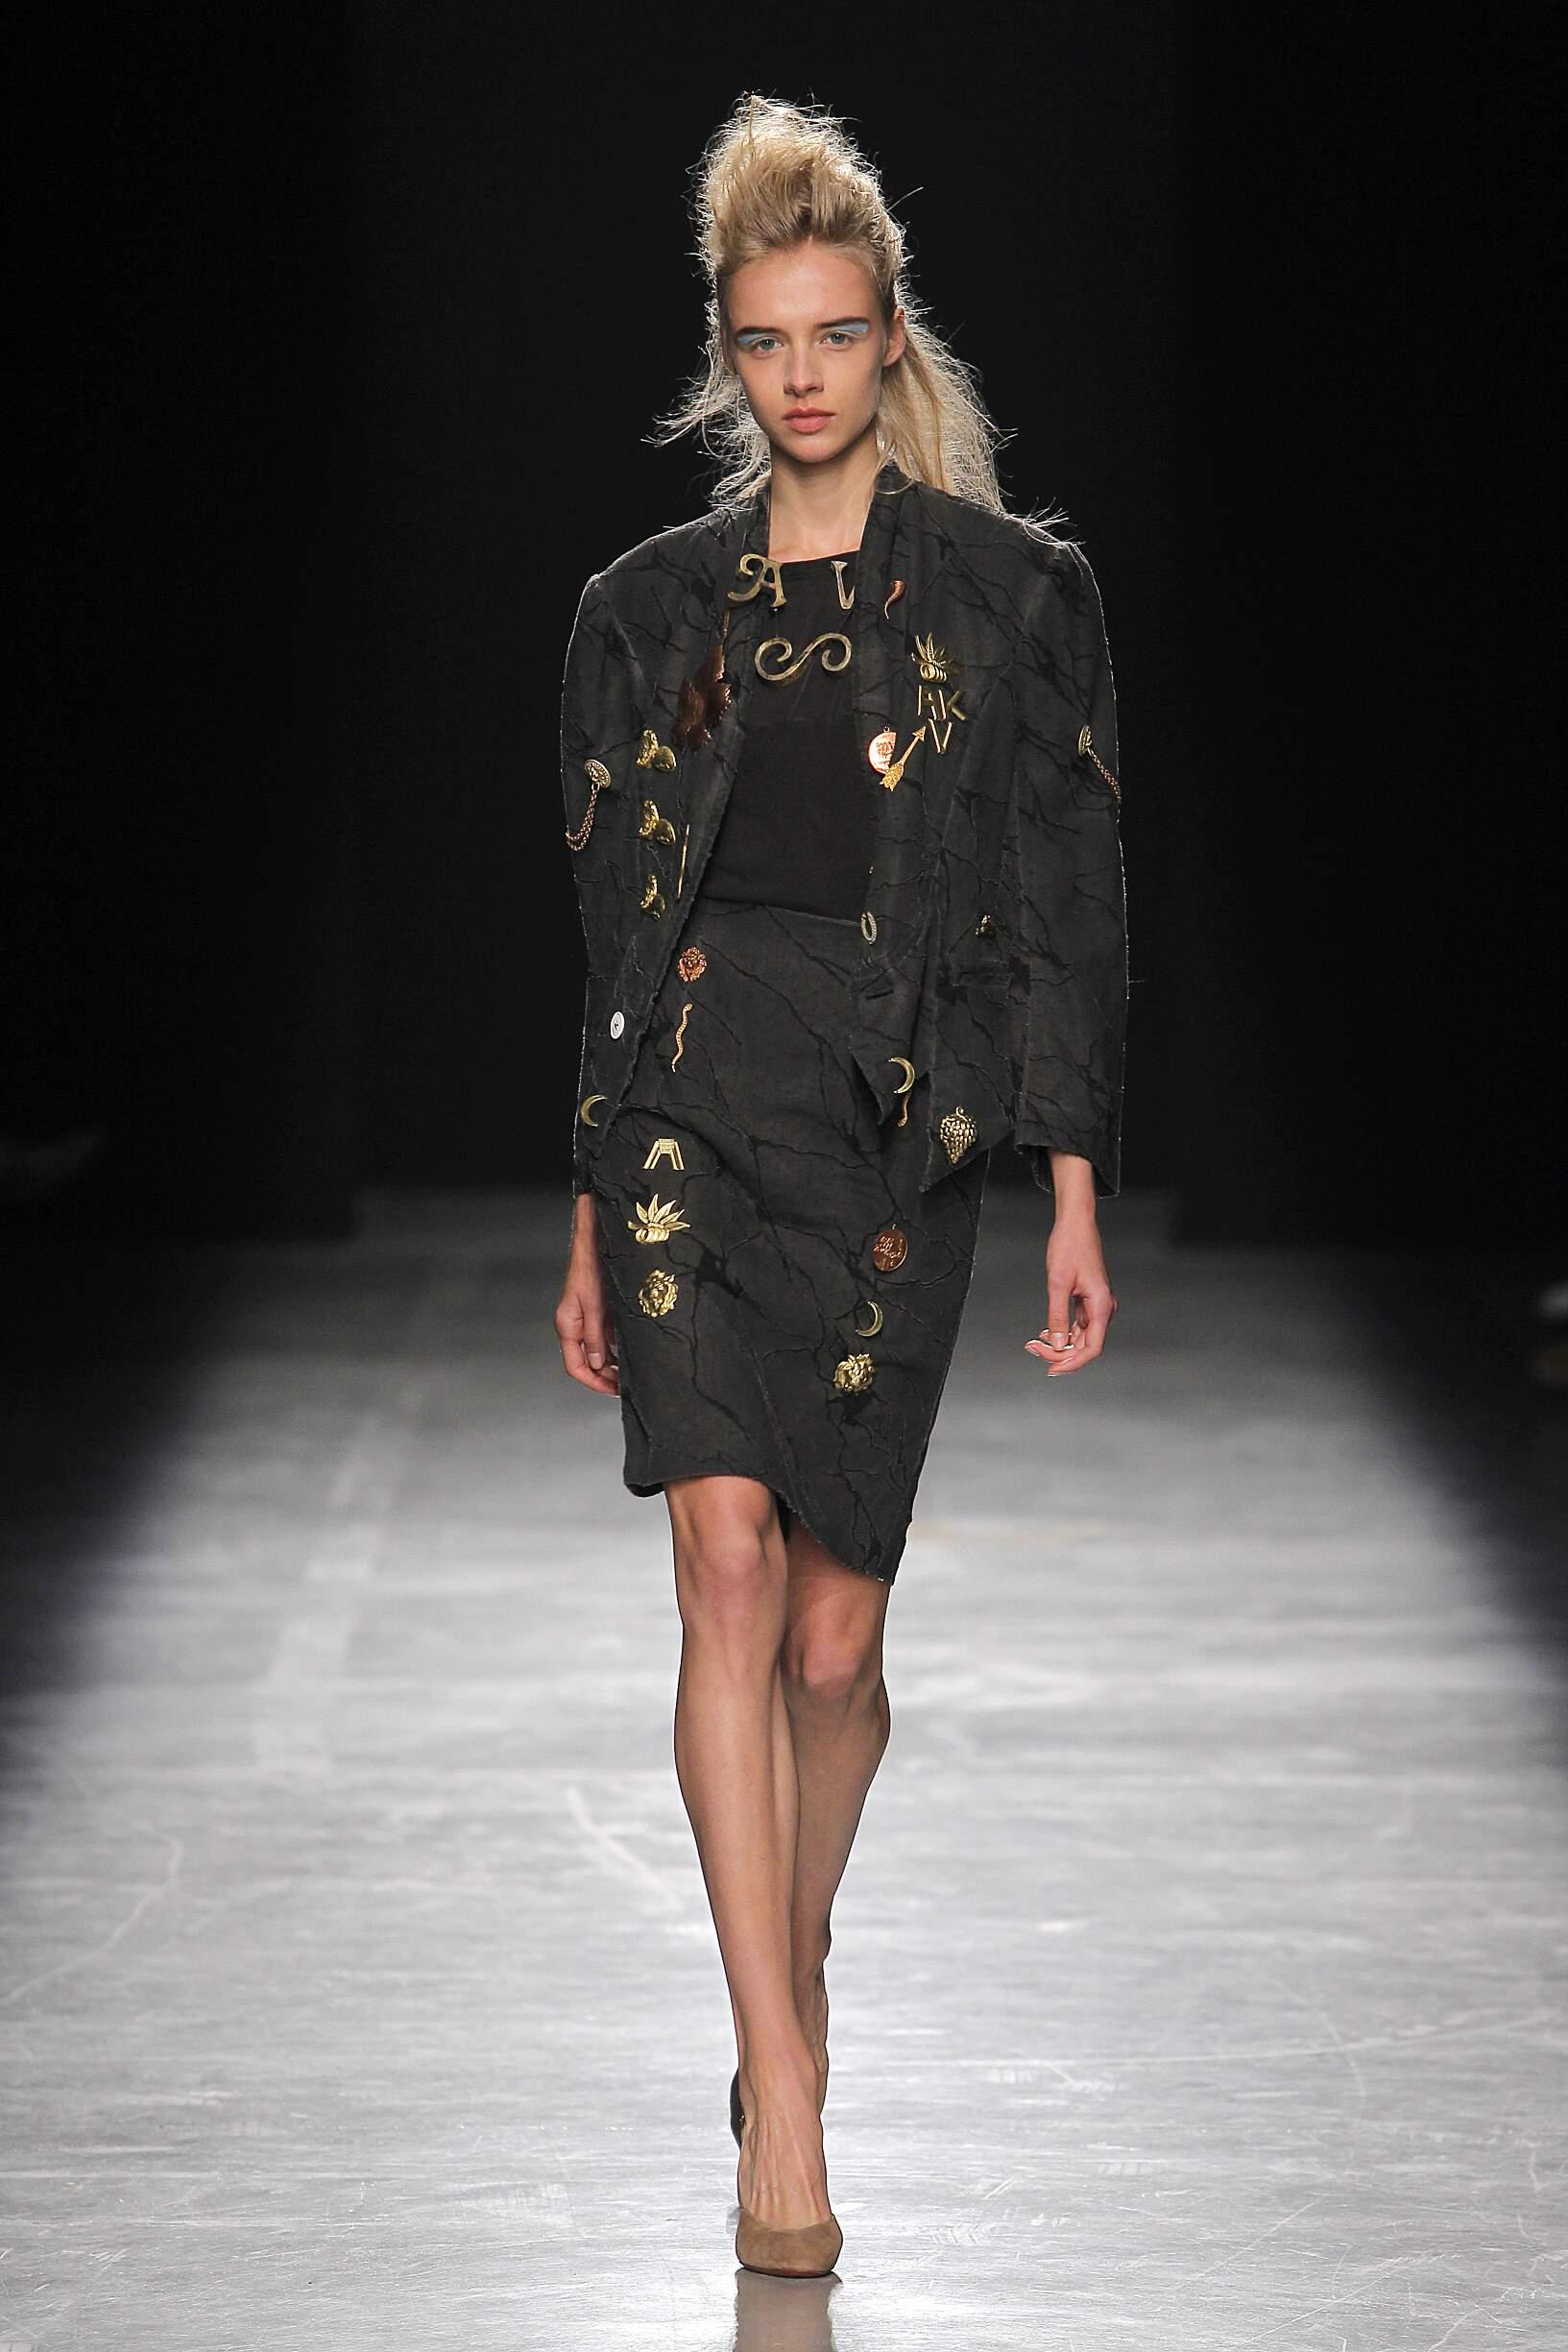 Spring Summer Fashion Trends 2017 Andreas Kronthaler for Vivienne Westwood